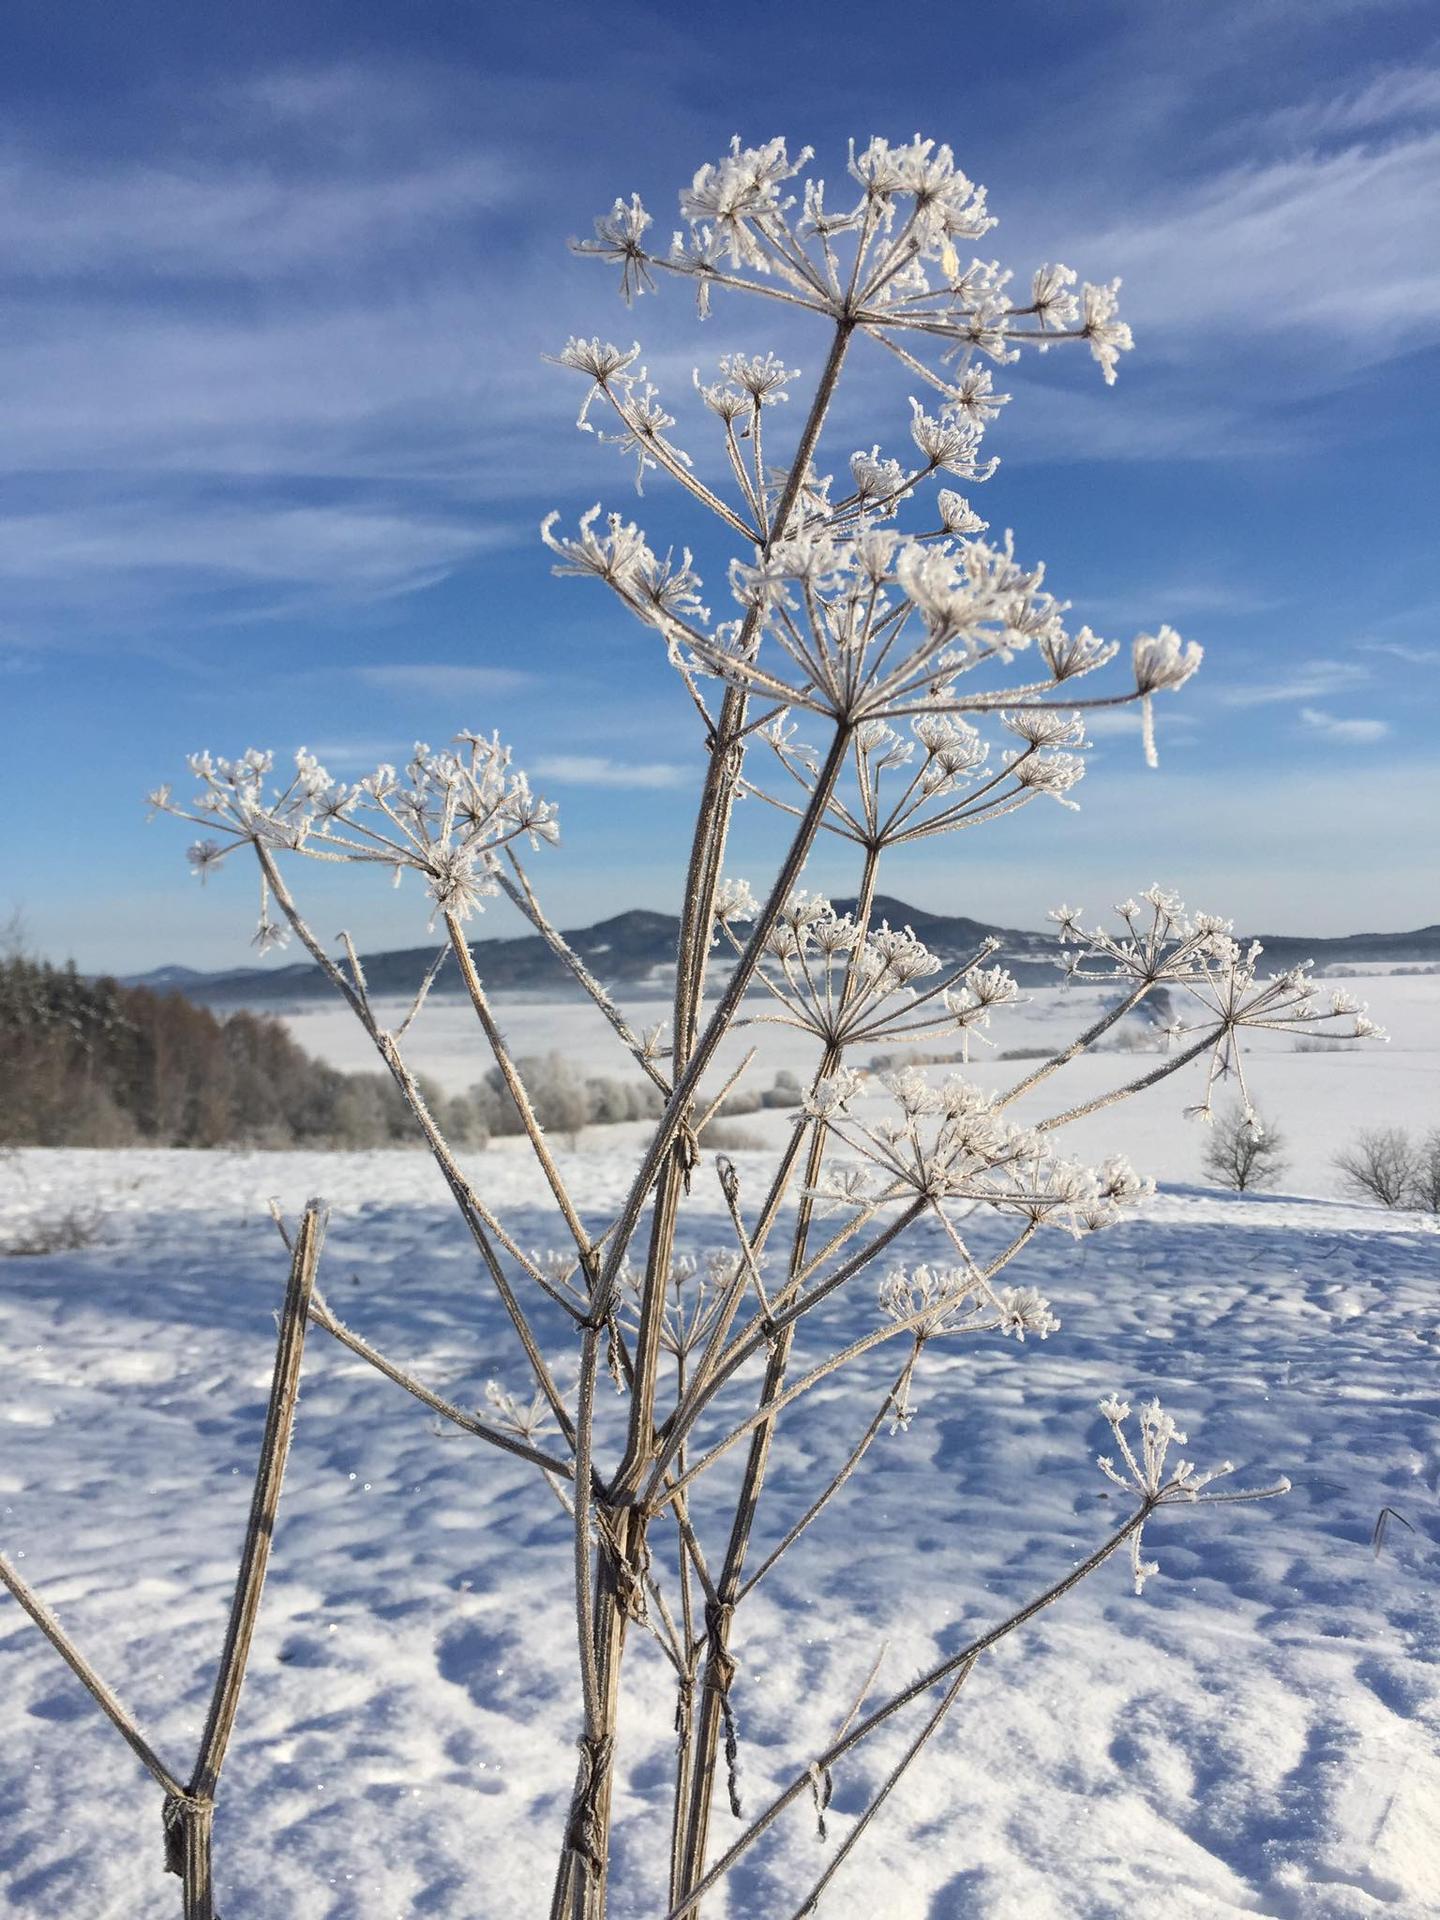 Naše cesta - zima čaruje